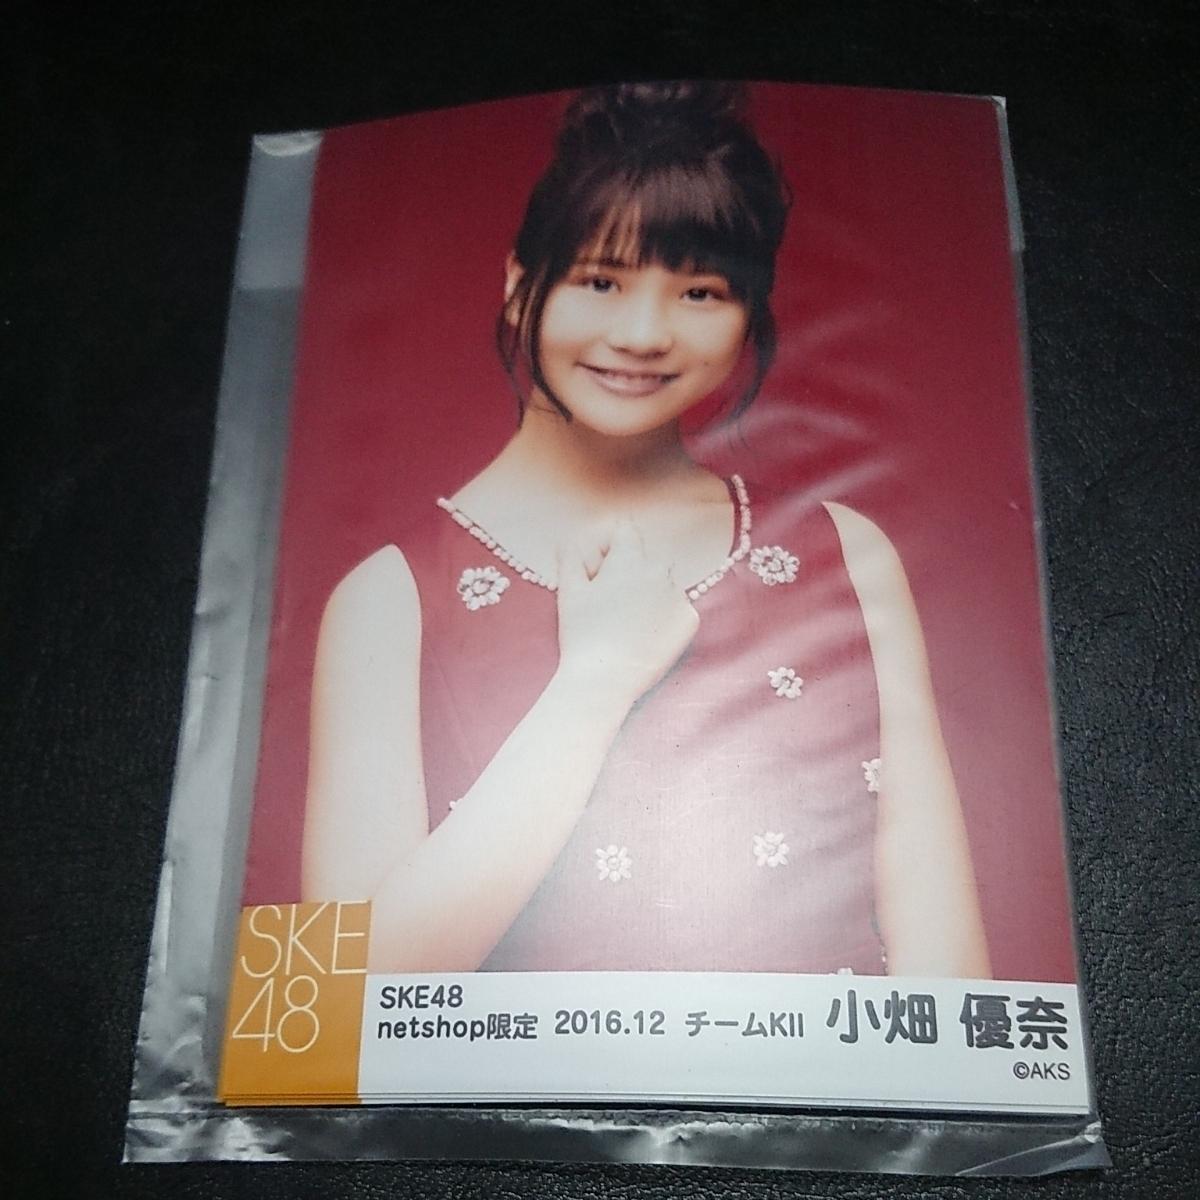 SKE48 小畑優奈 個別生写真 5枚セット 2016.12 ① netshop限定 未開封_画像1